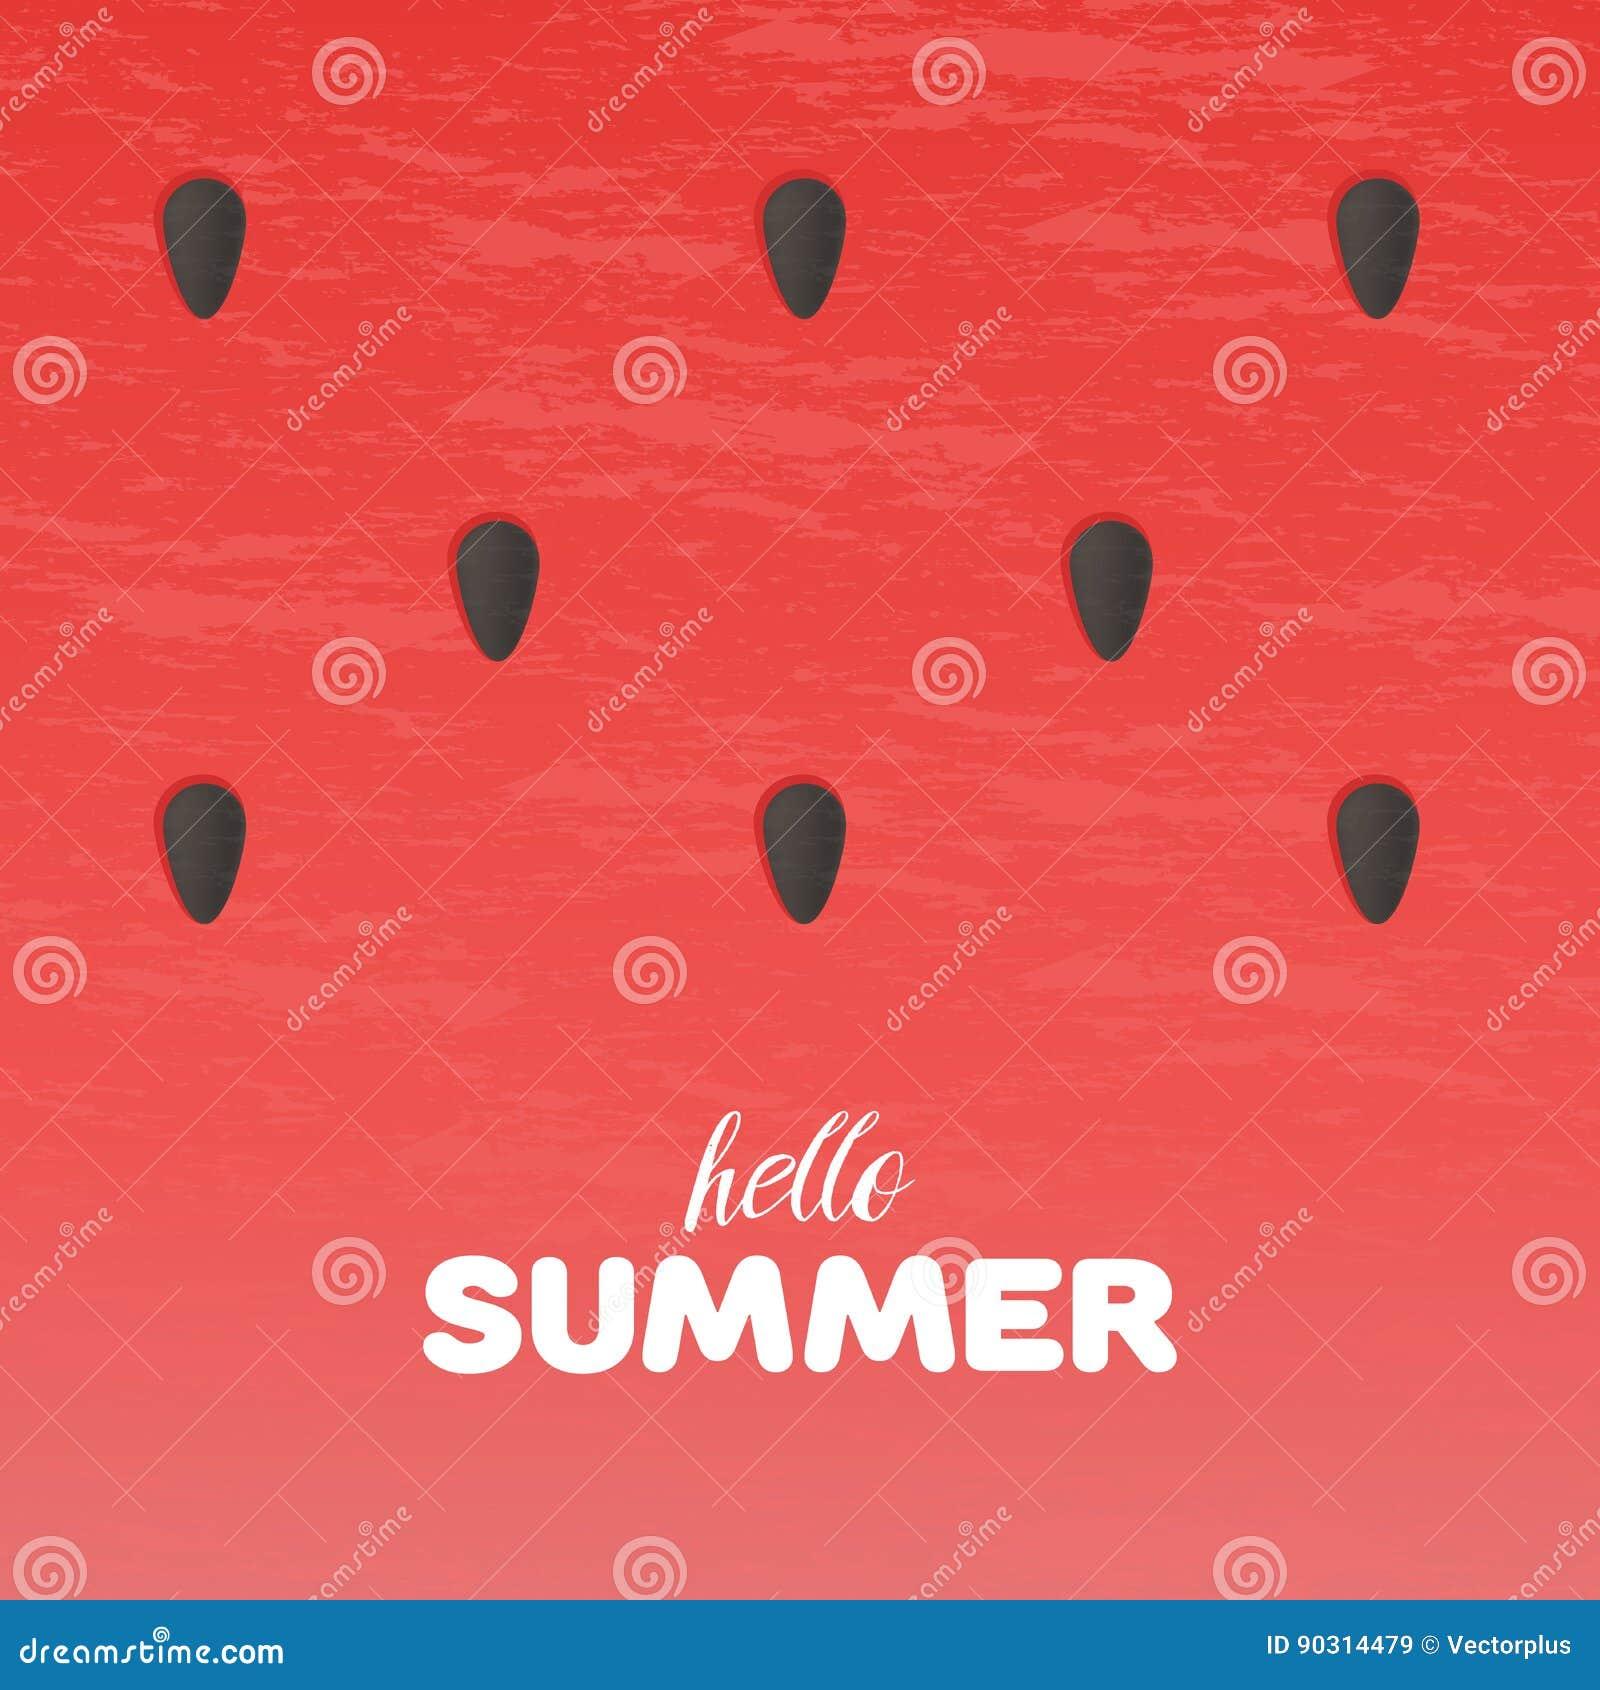 西瓜纹理背景与你好夏天在传染媒介例证上写字